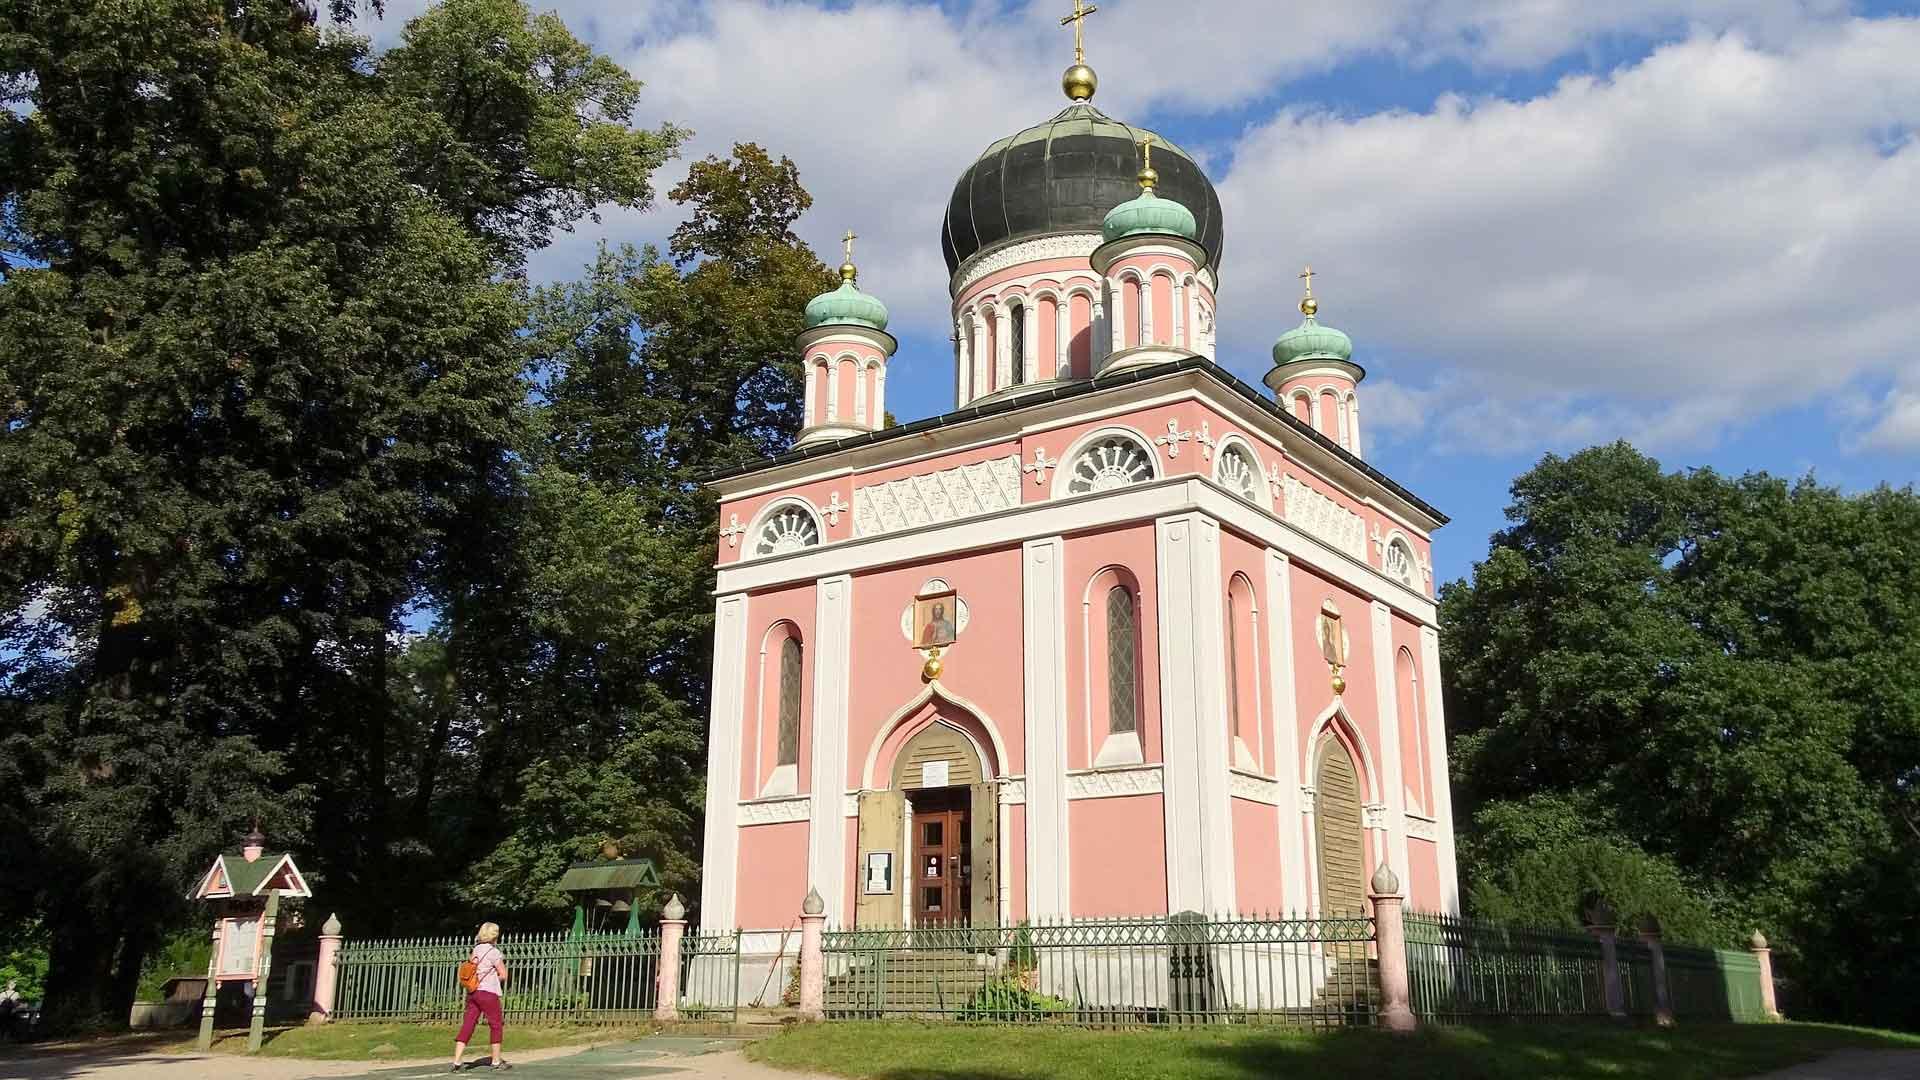 De Russische wijk Alexandrowka in Potsdam.